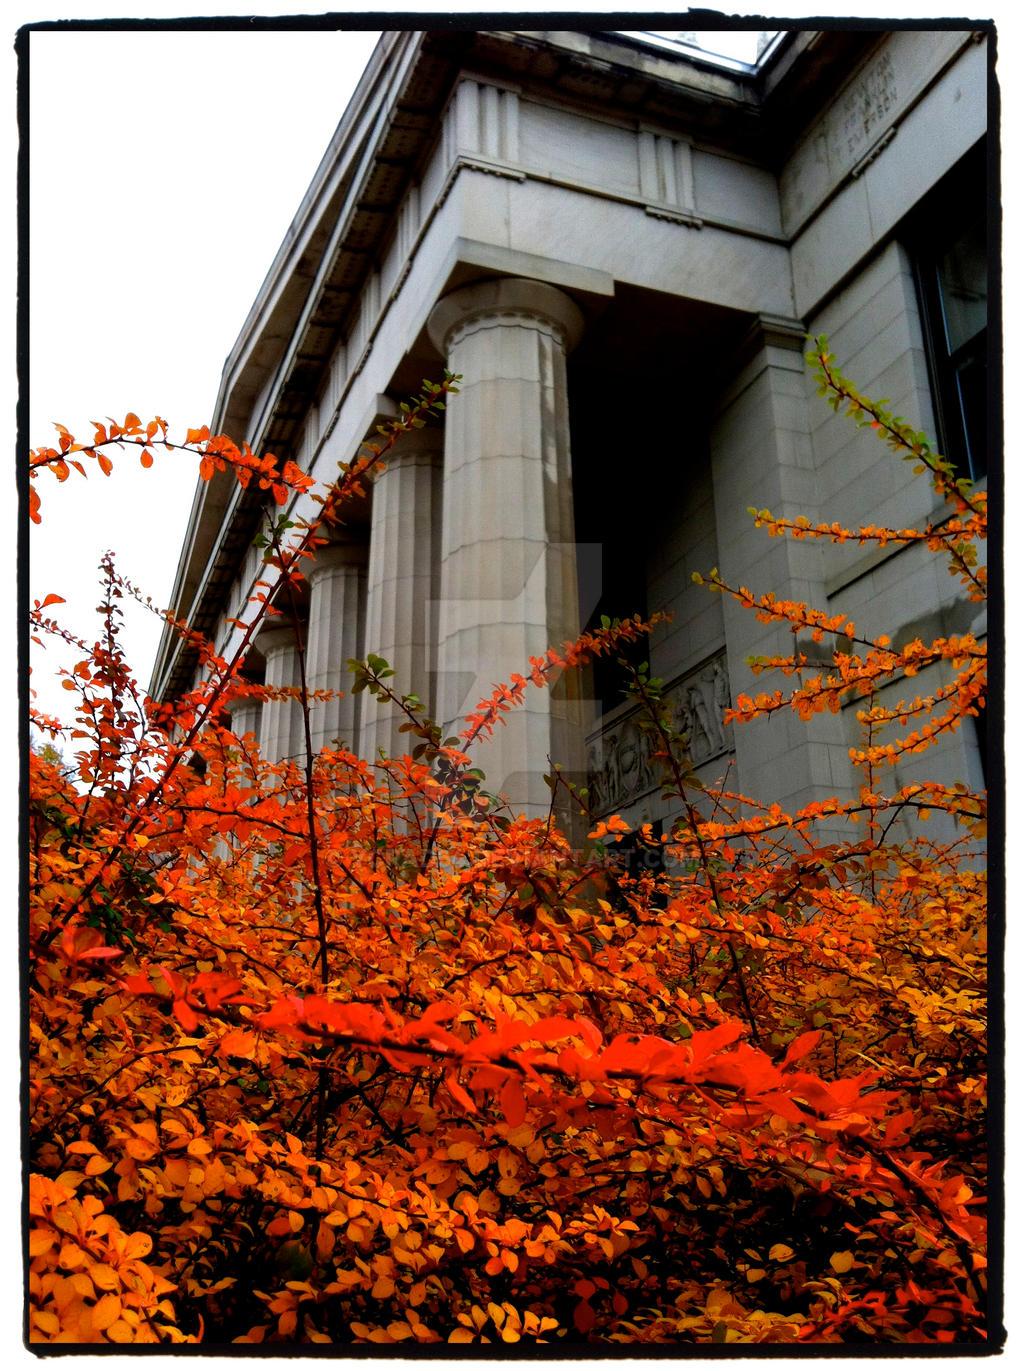 Autumn U of MN by ycrad64